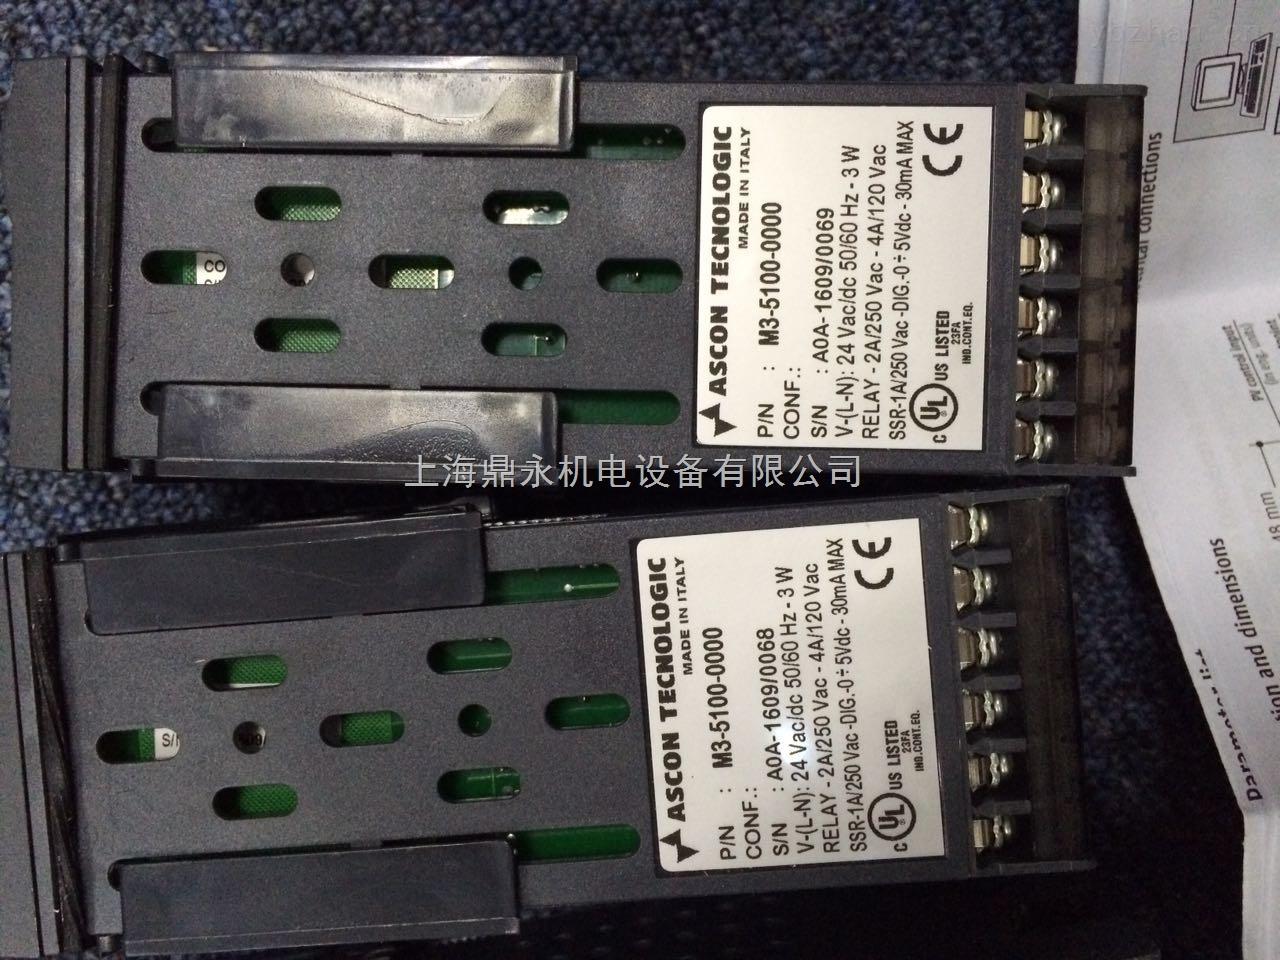 ASCON温控器供应商,ASCON温控器报价,ASCON温控器现货 特价销售意大利ASCON/Tecnologic温控器,ASCON温控表,ASCON继电器,ASCON变送器,ASCON电磁阀,ASCON电控阀等产品 ASCON温控器TLK94 HRRRR--E-- ASCON温控器TLK49 LCOR---- ASCON温控器TLK43 HVCRR ASCON温控器TLK38 FCRR ASCON温控器TLK38 LCRR ASCON温控器TLK38 LCRR93 ASCON温控器TLK32 CORRR